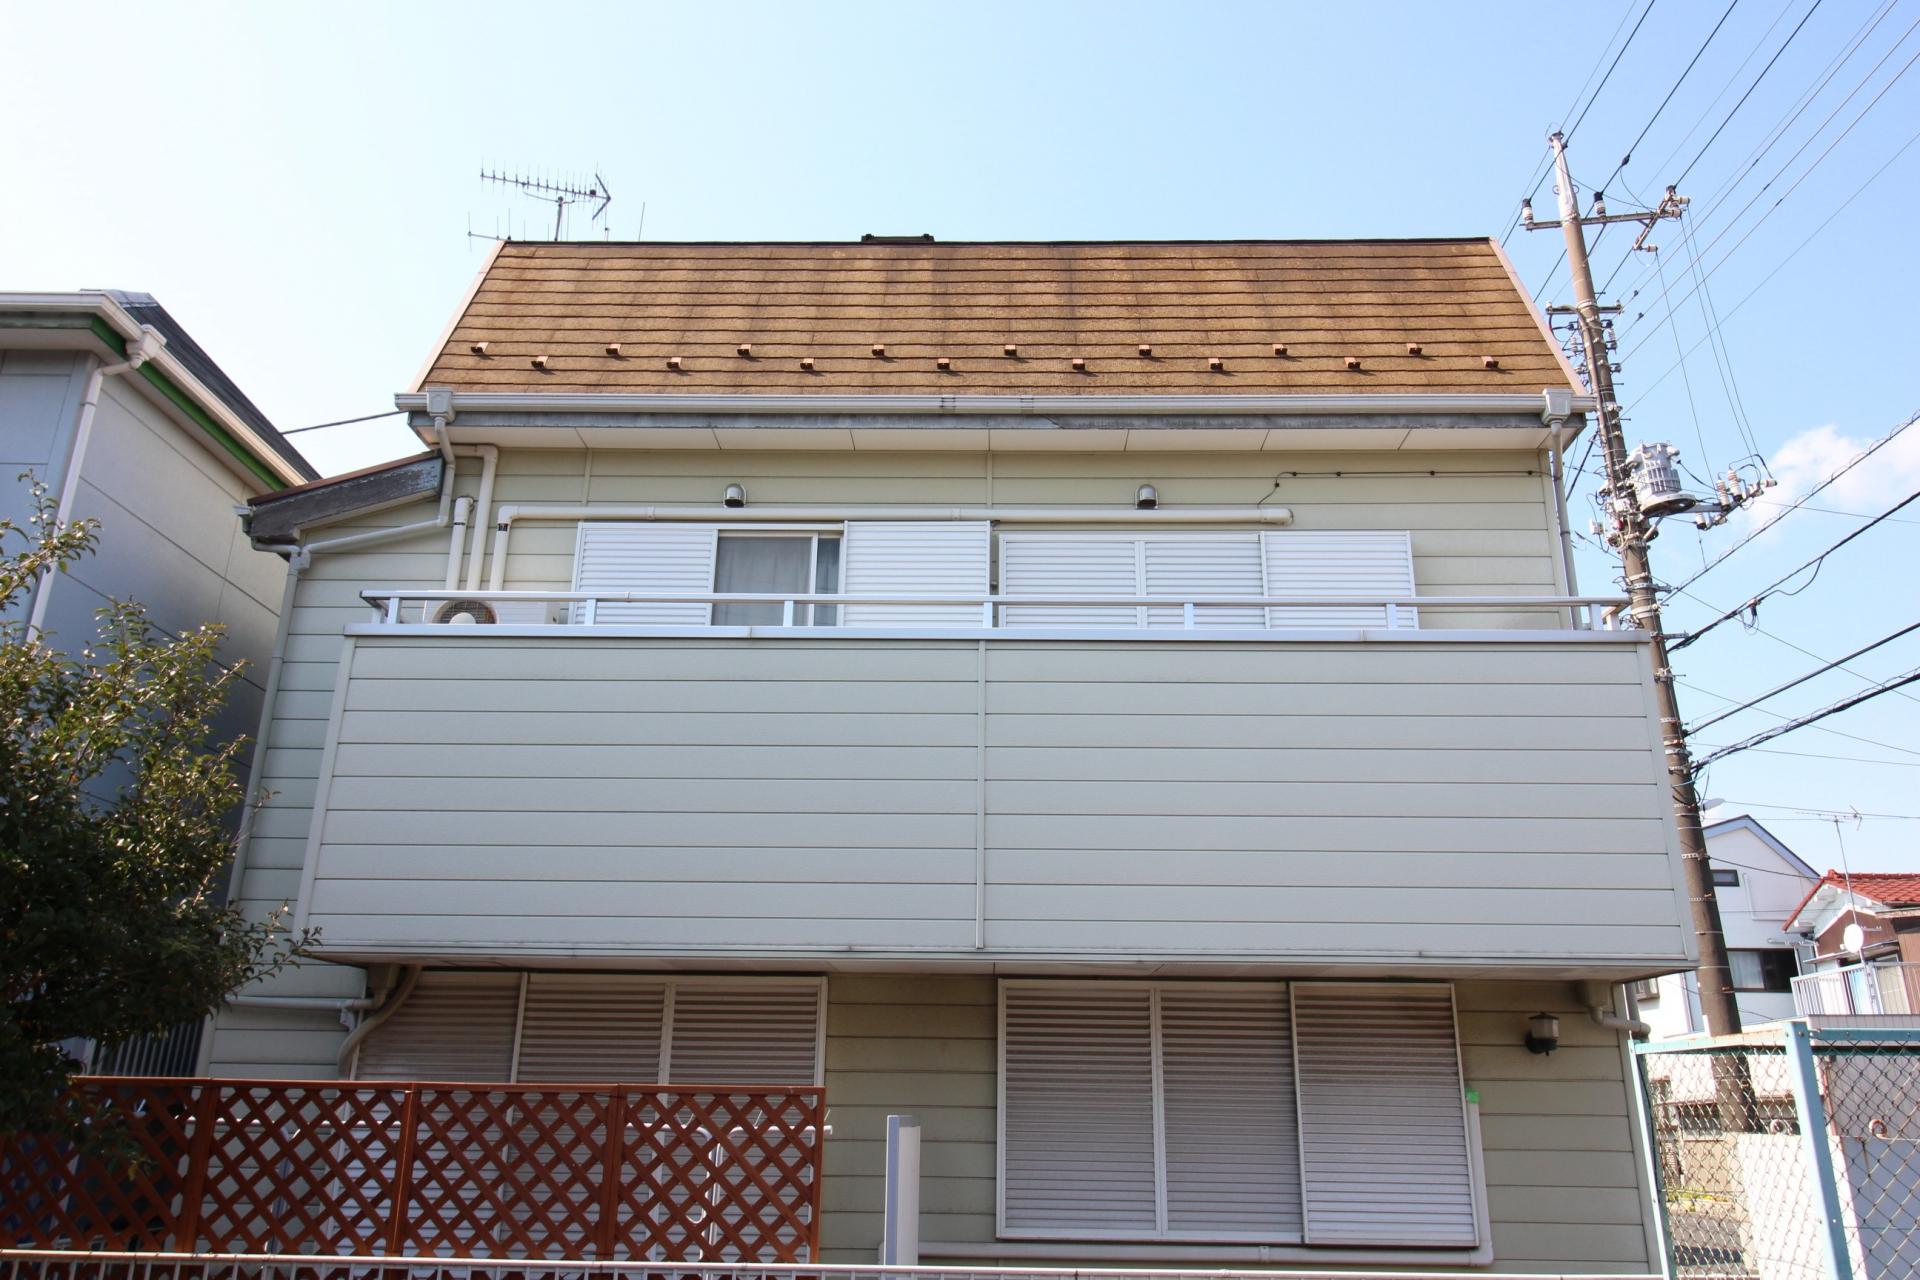 戸建て住宅で劣化しやすい部位はどこ?